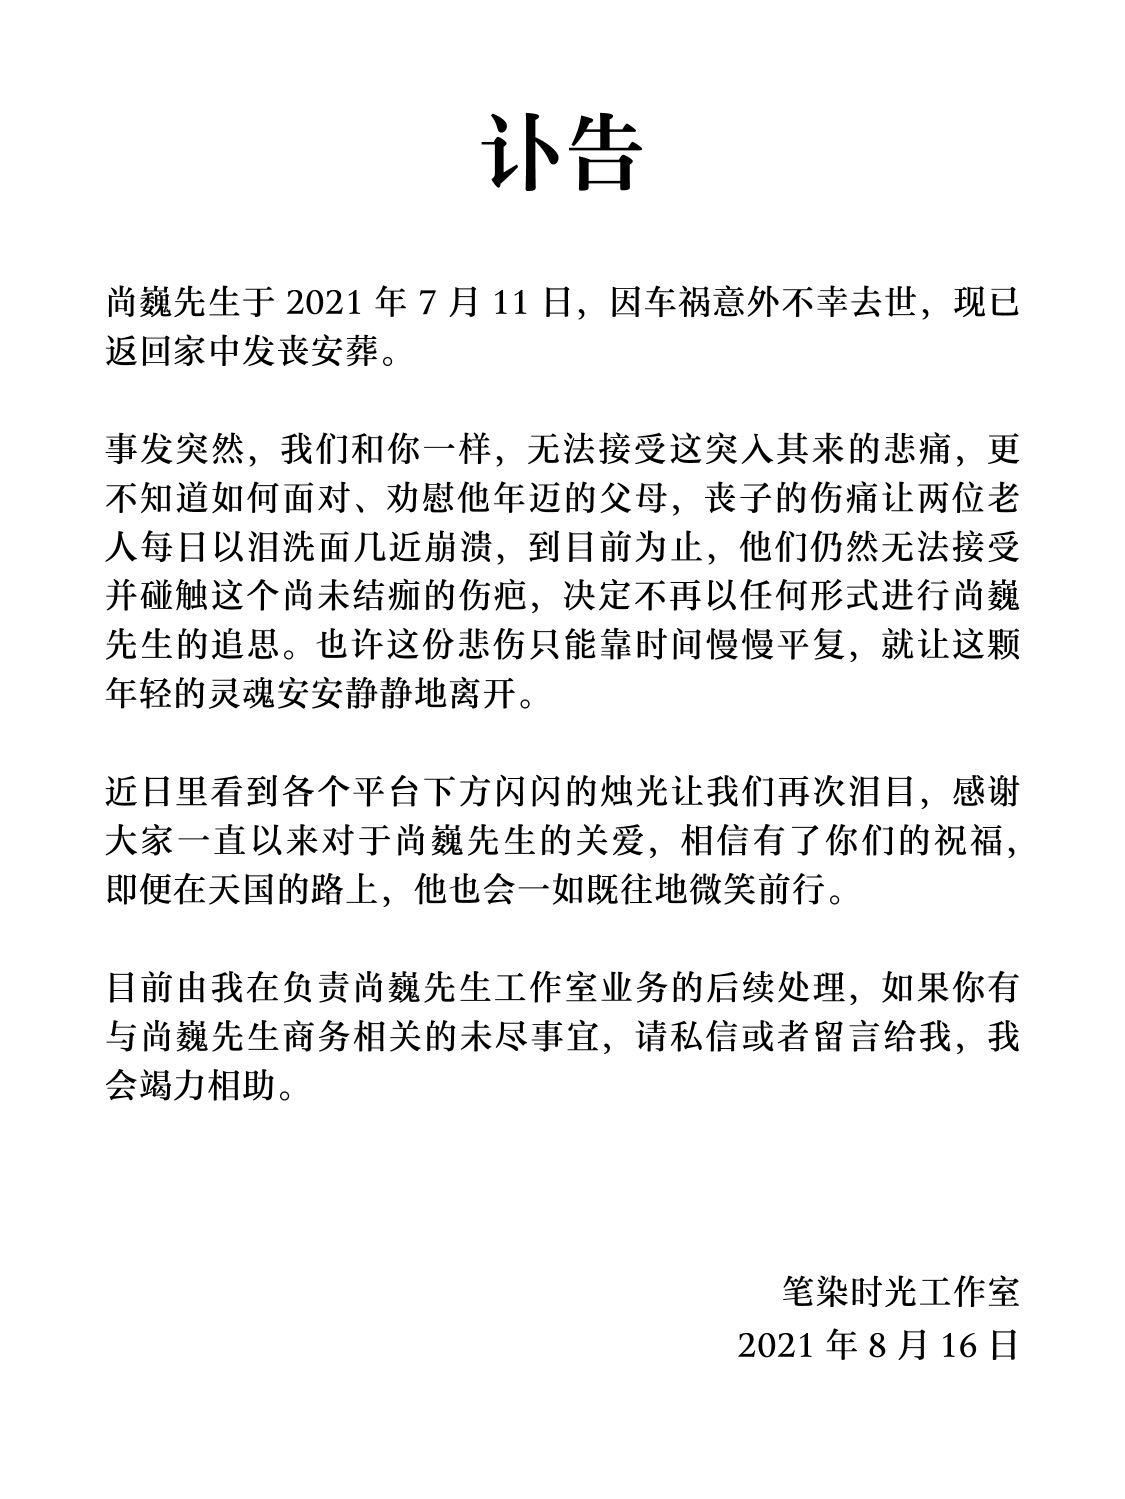 震惊,,,著名字体设计师尚巍老师因车祸去世